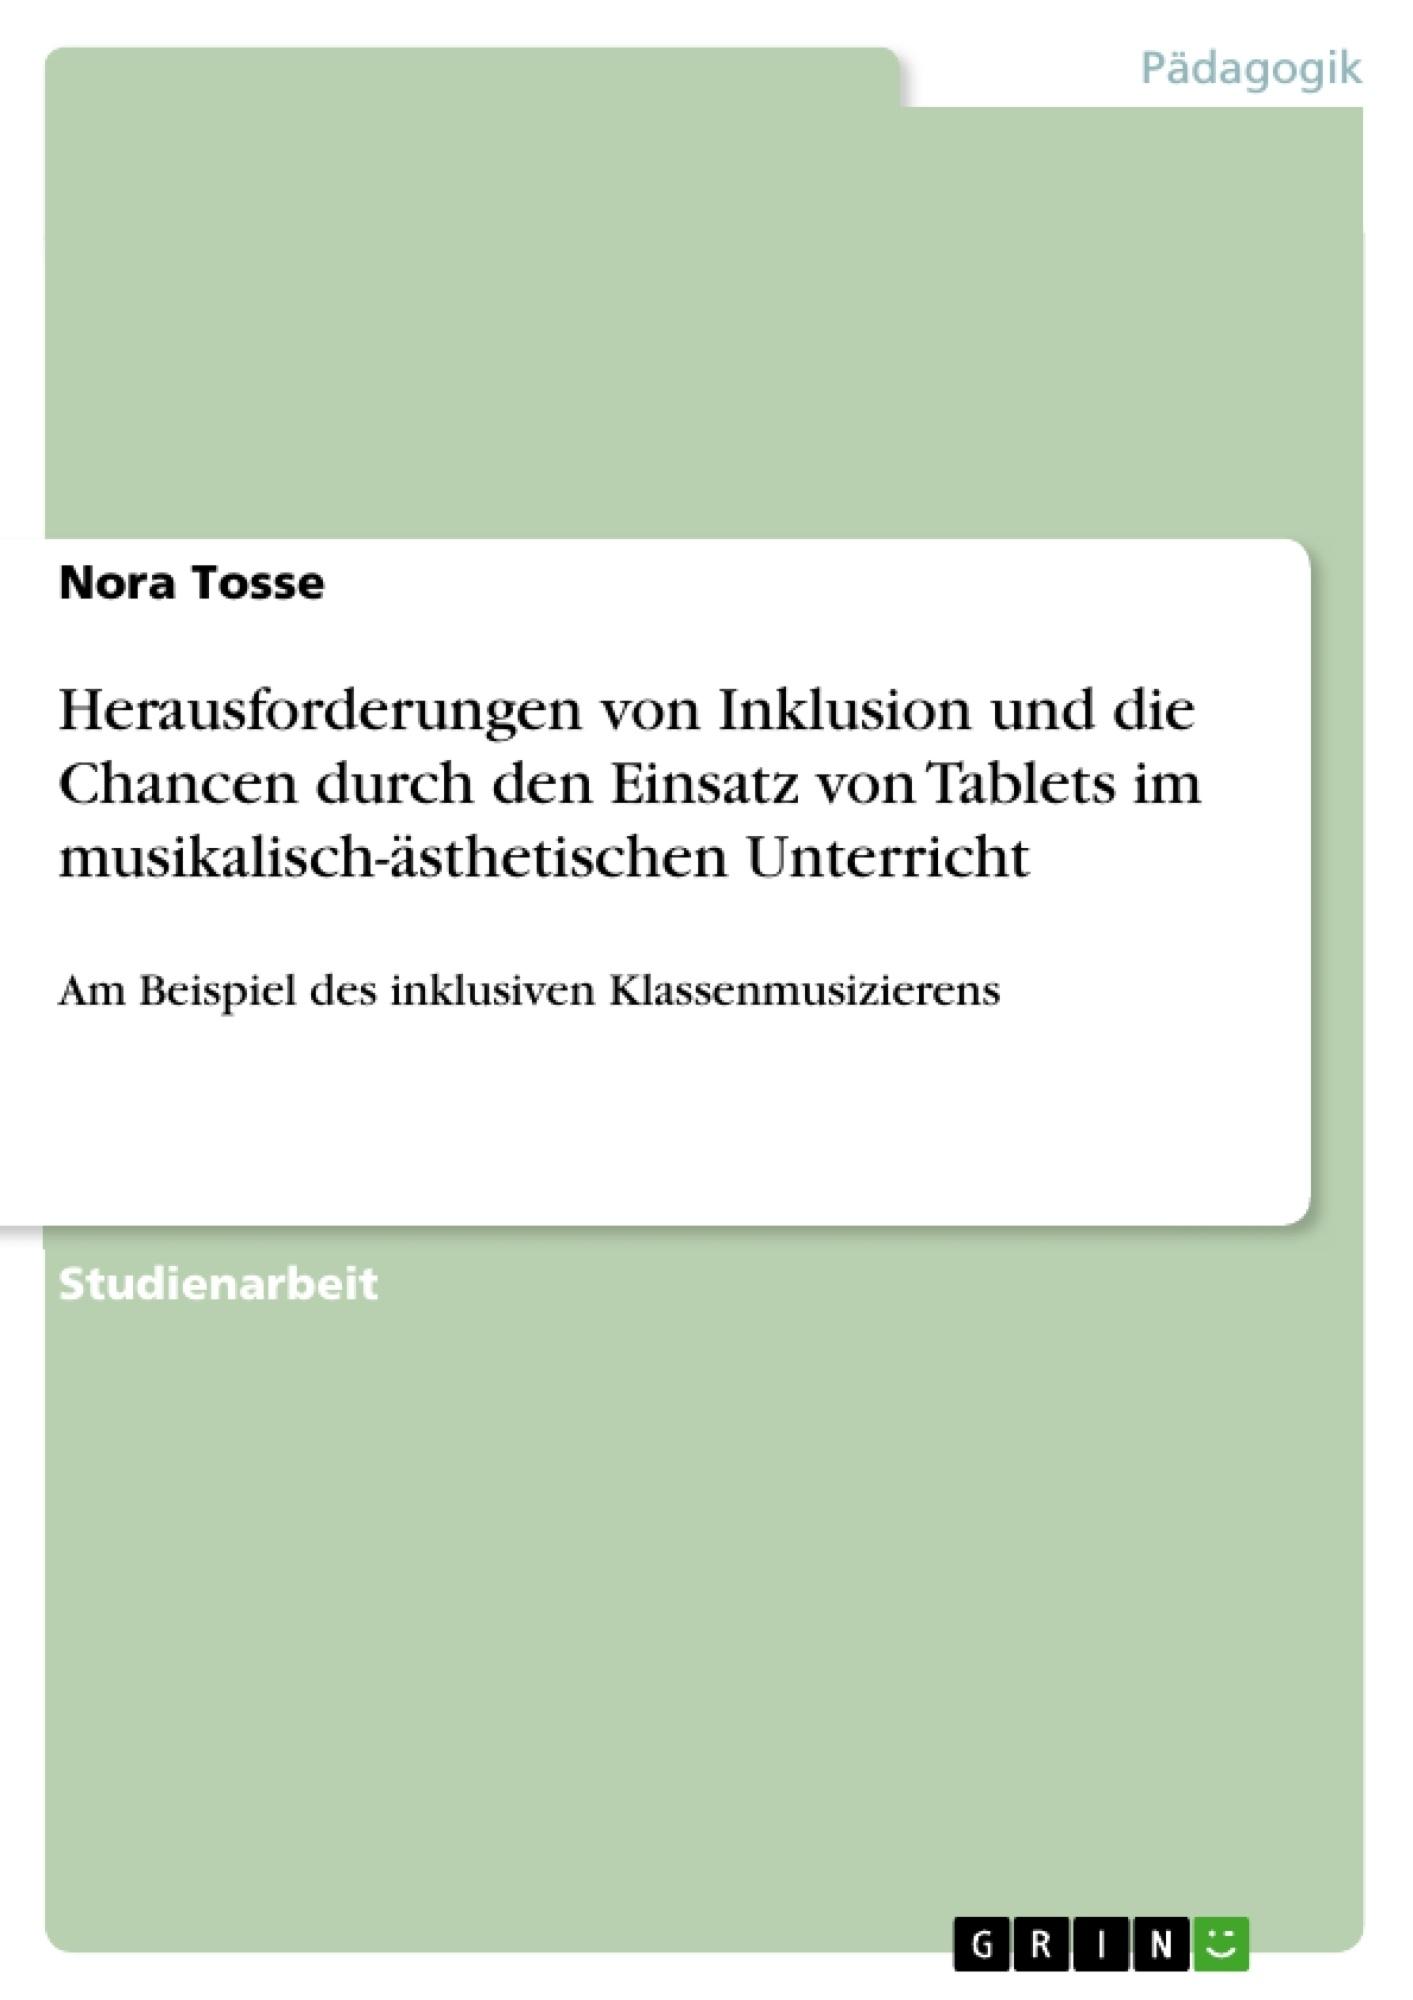 Titel: Herausforderungen von Inklusion und die Chancen durch den Einsatz von Tablets im musikalisch-ästhetischen Unterricht